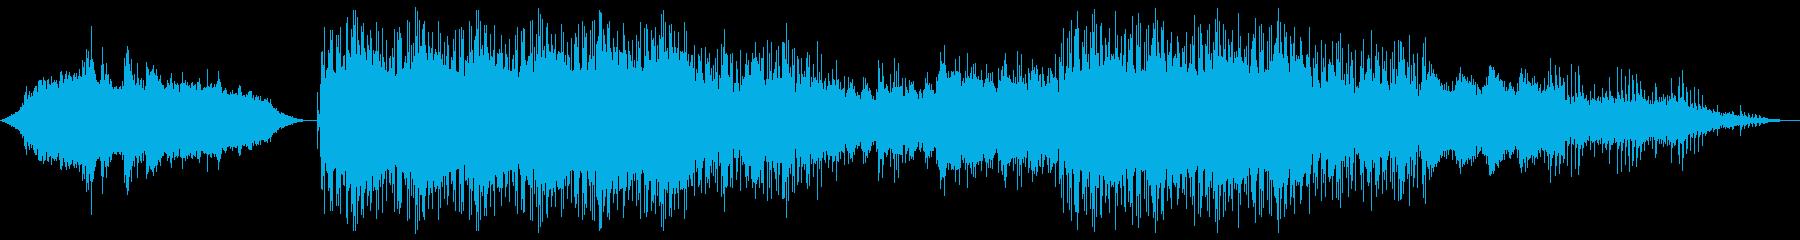 エアリアル アクション 説明的 a...の再生済みの波形